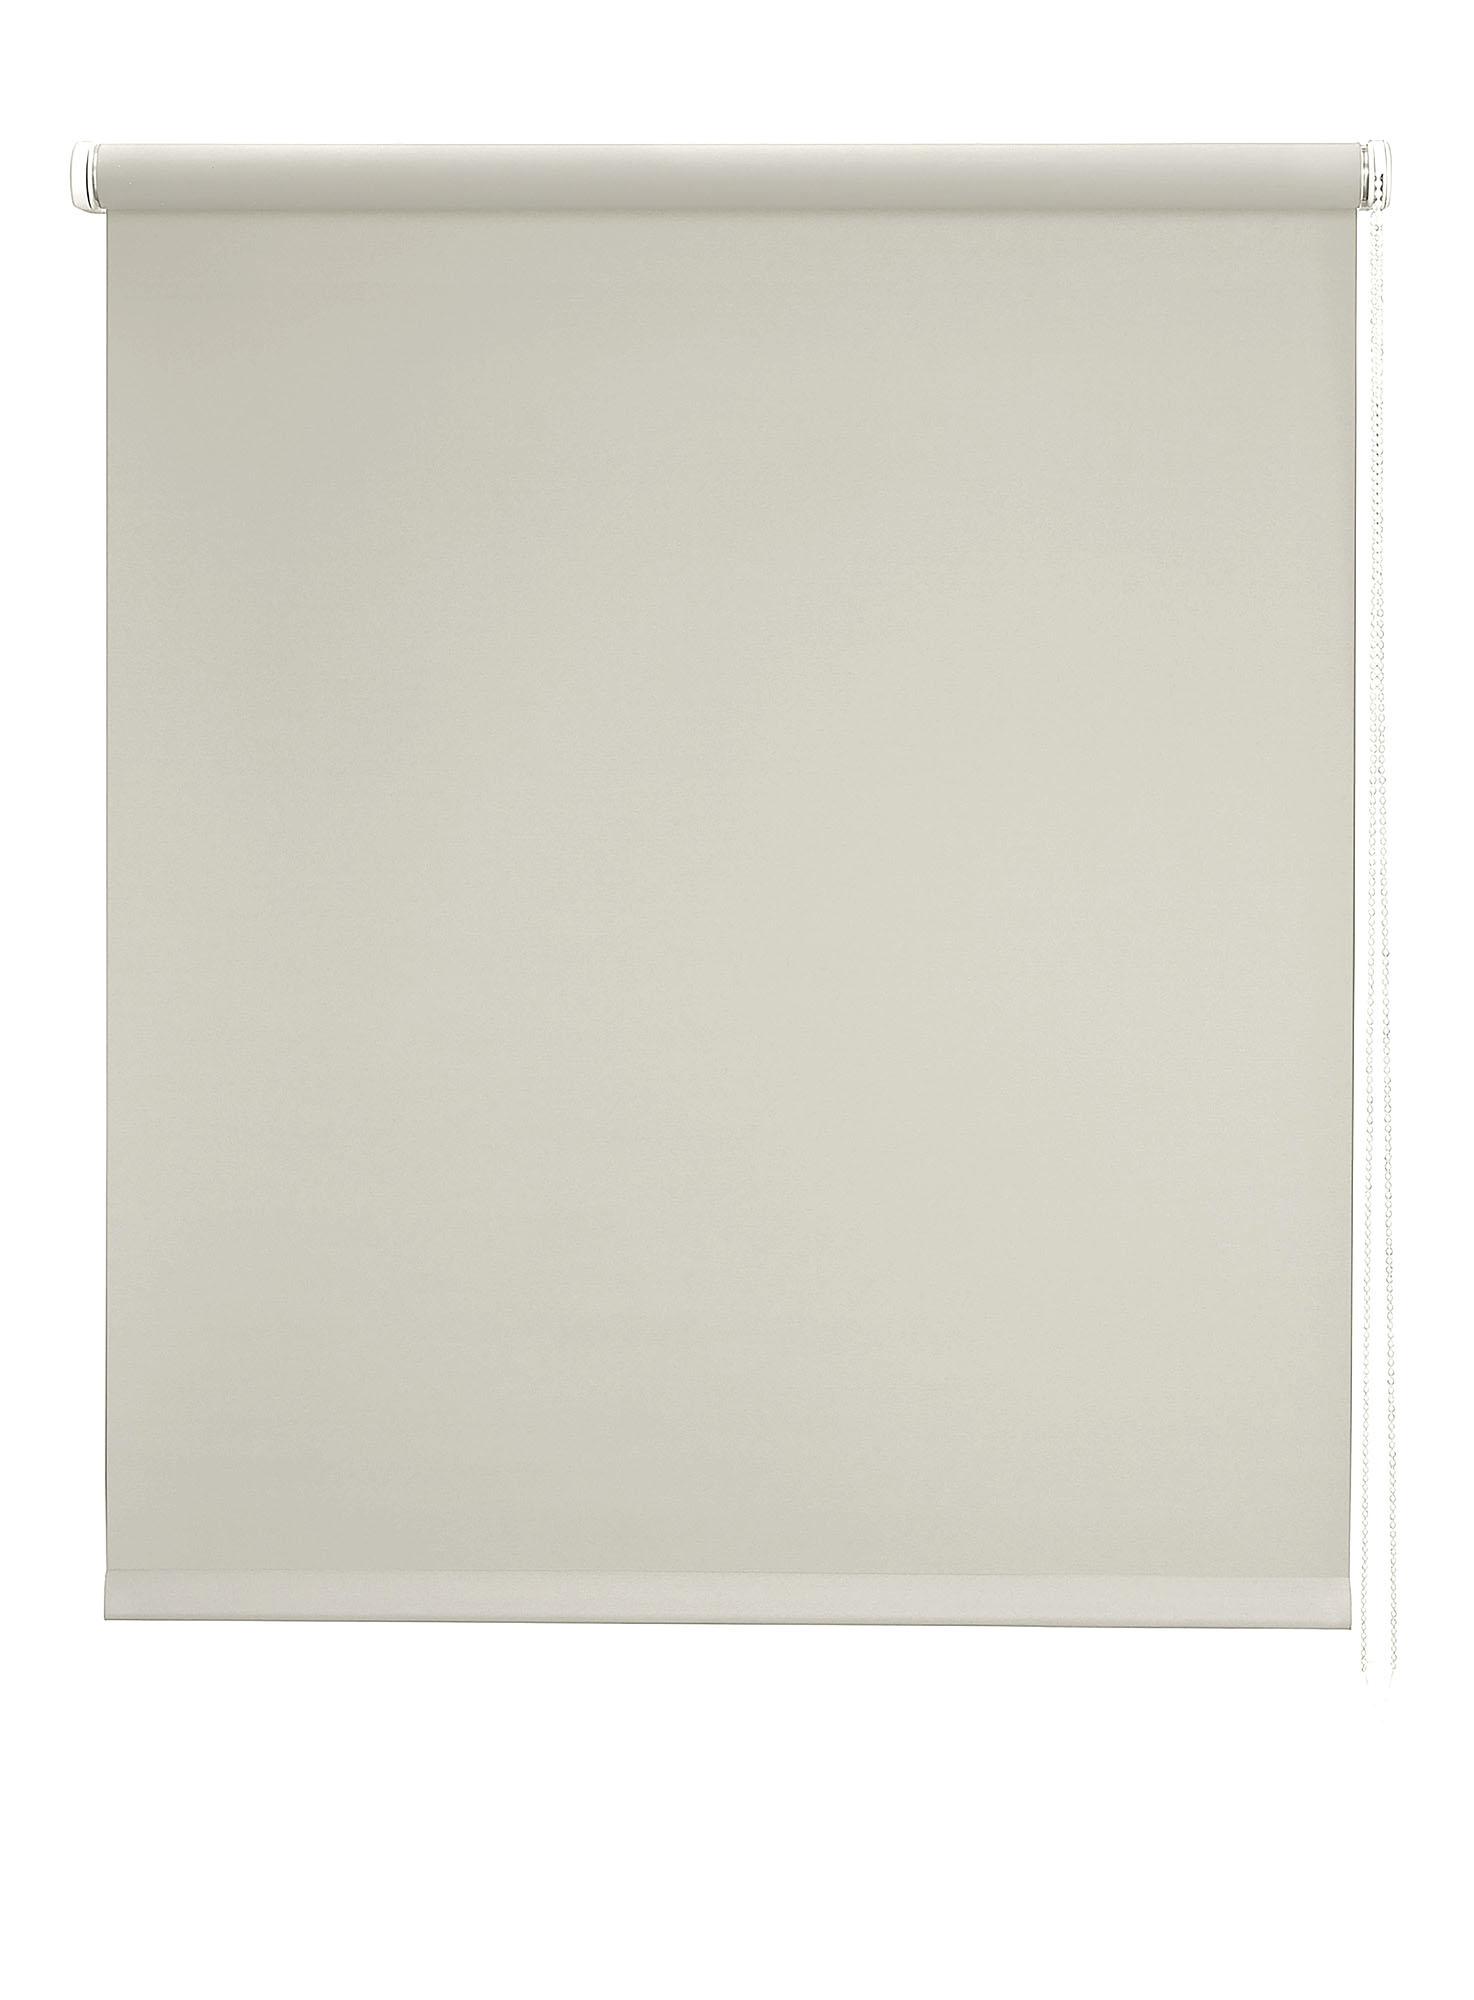 Store enrouleur Translucide - Écru - 135 x 250 cm